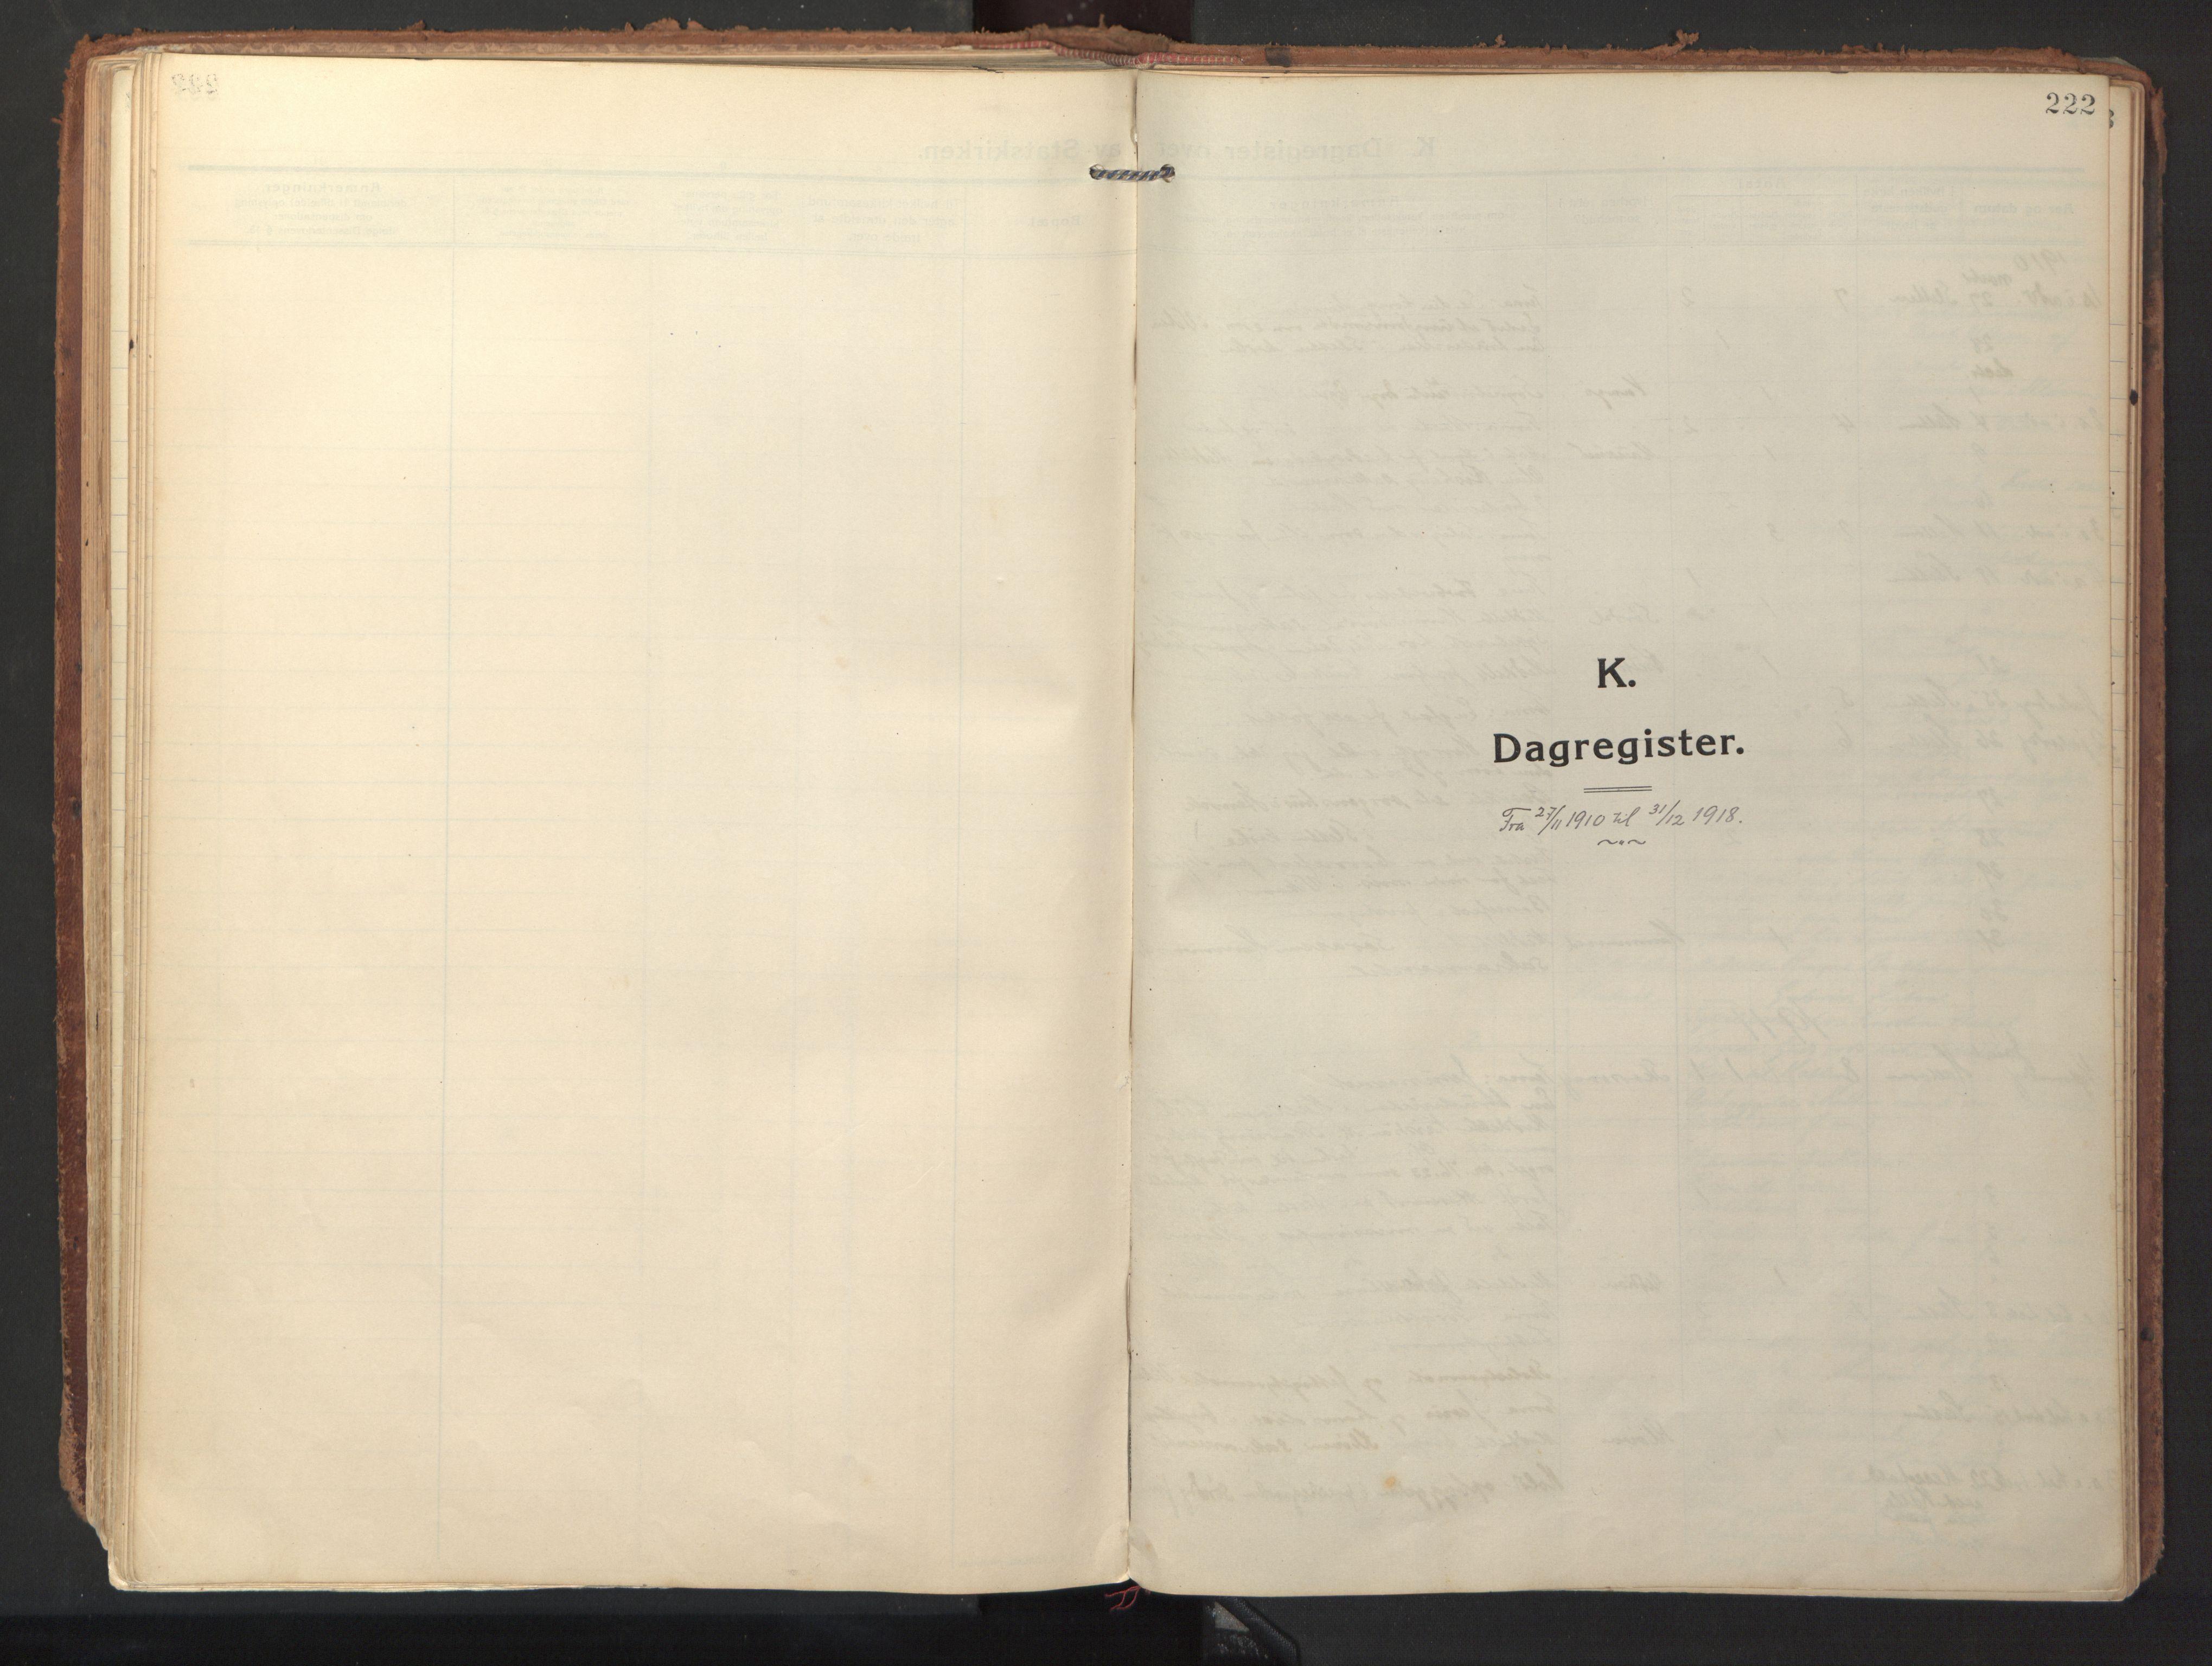 SAT, Ministerialprotokoller, klokkerbøker og fødselsregistre - Sør-Trøndelag, 640/L0581: Ministerialbok nr. 640A06, 1910-1924, s. 222